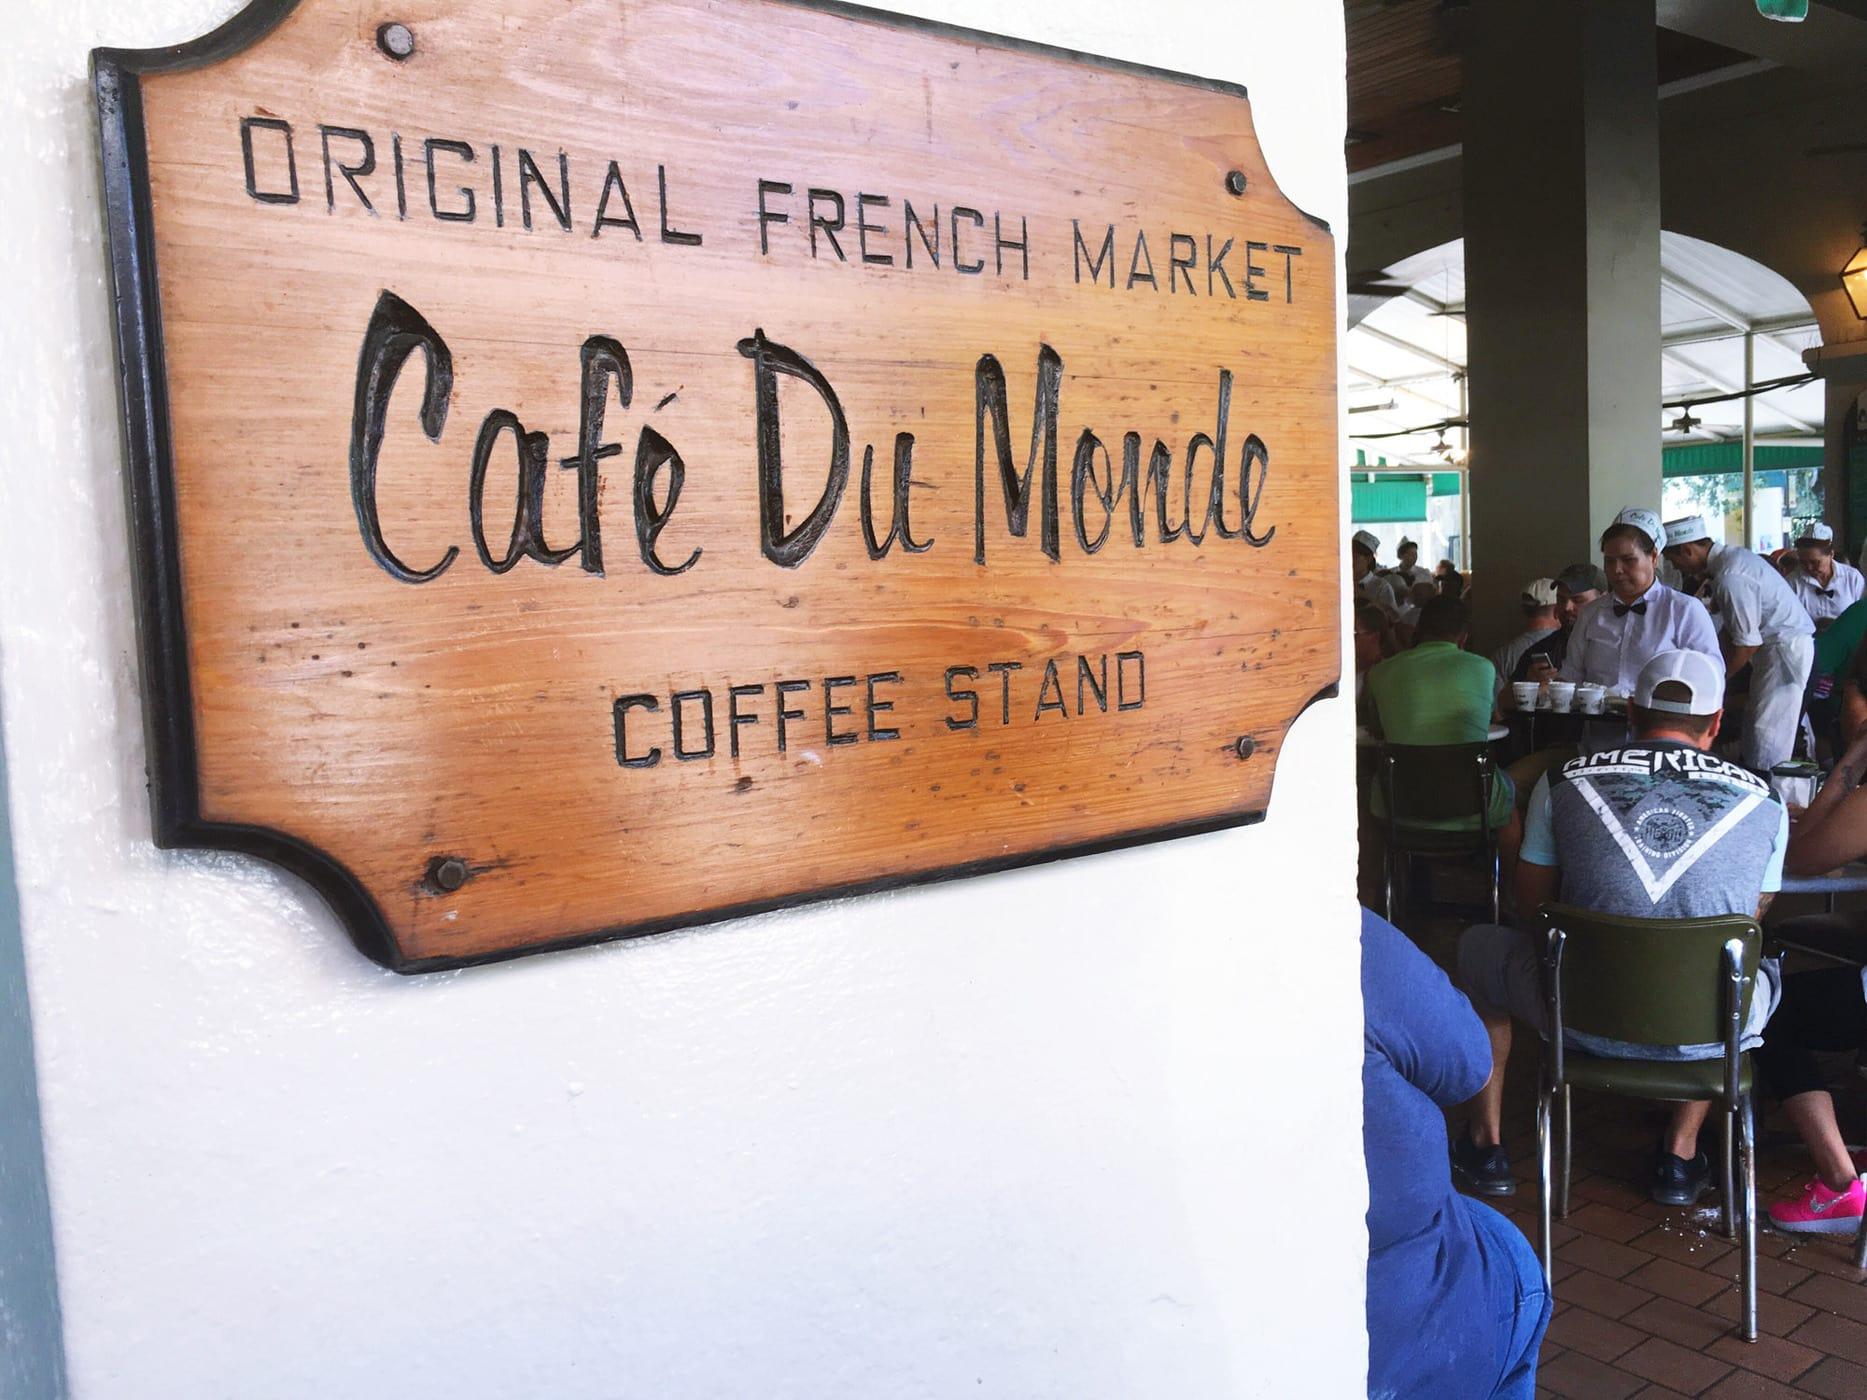 Life List #115: Eat Café Du Monde beignets in New Orleans.